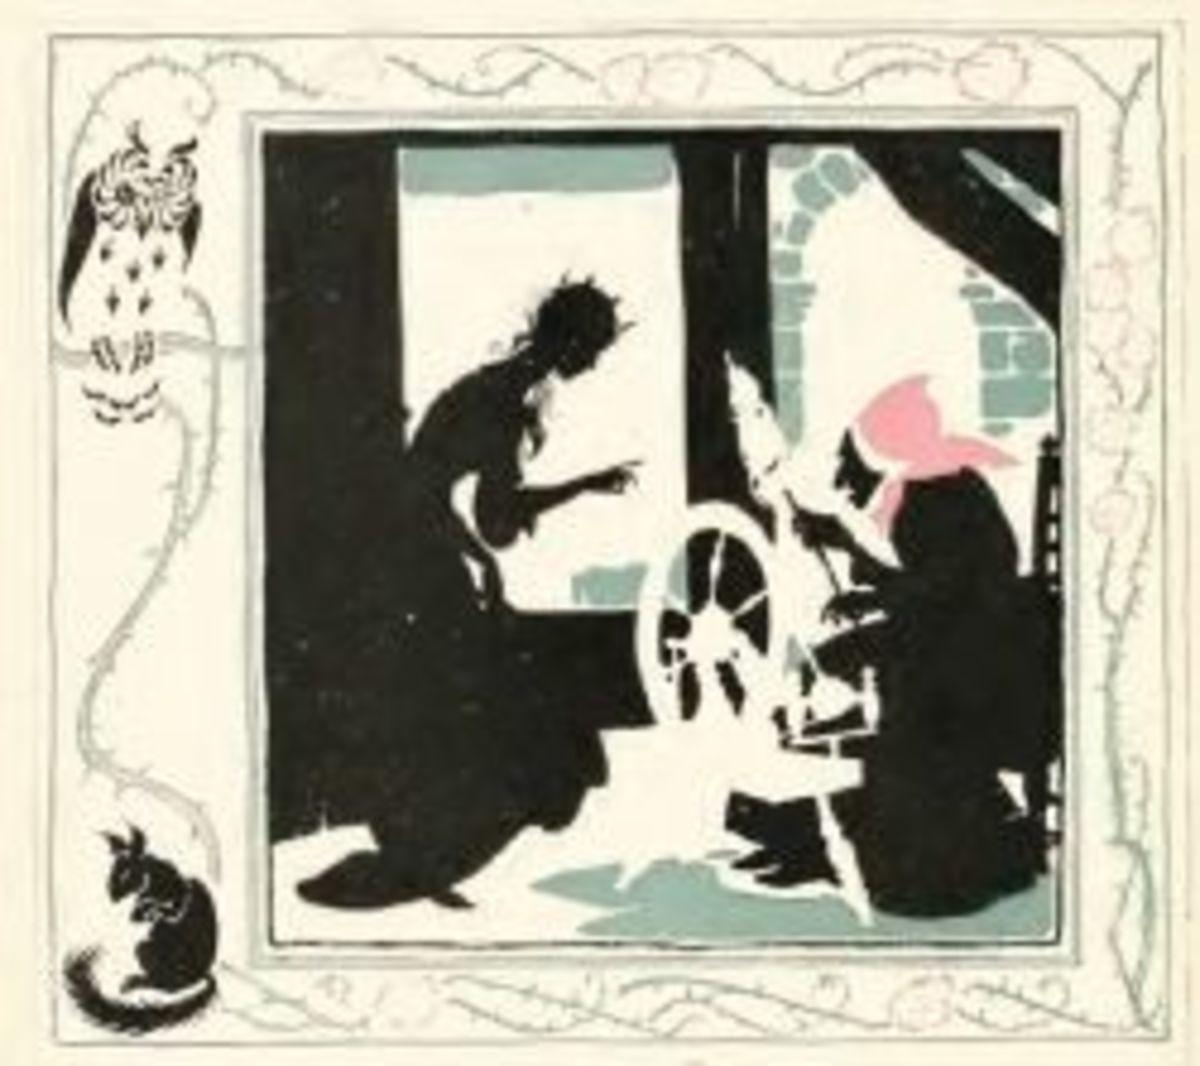 Princess and a spinner (by Arthur Rackahm)